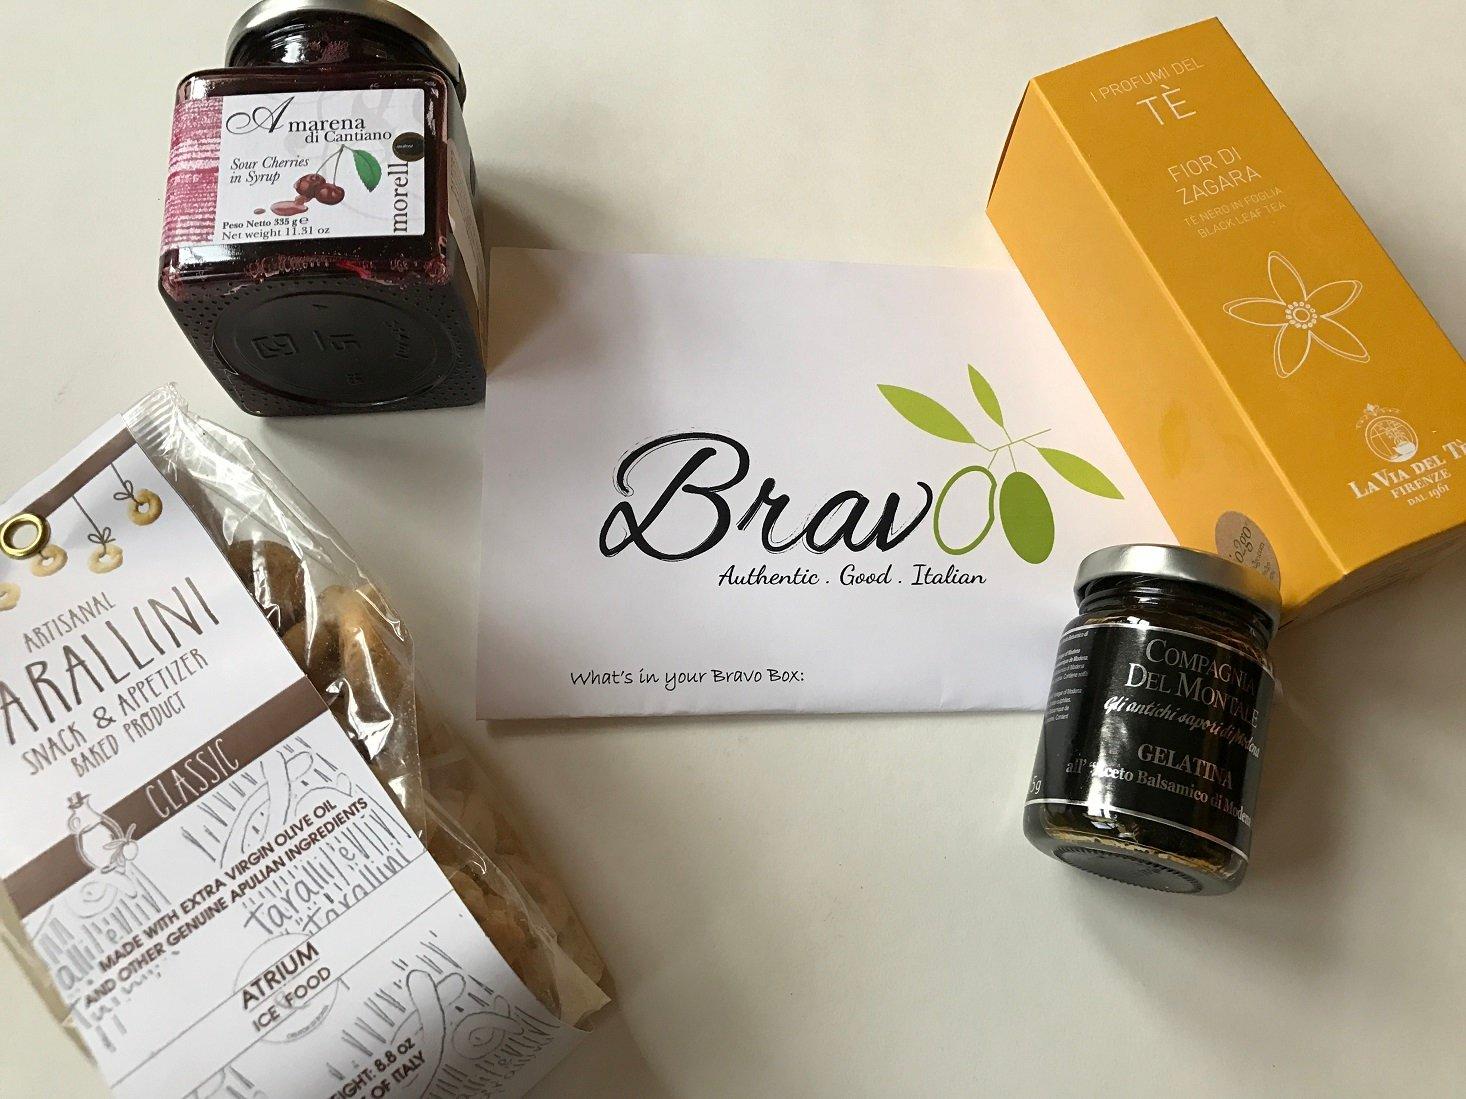 Bravo-Box-April-2017-Review